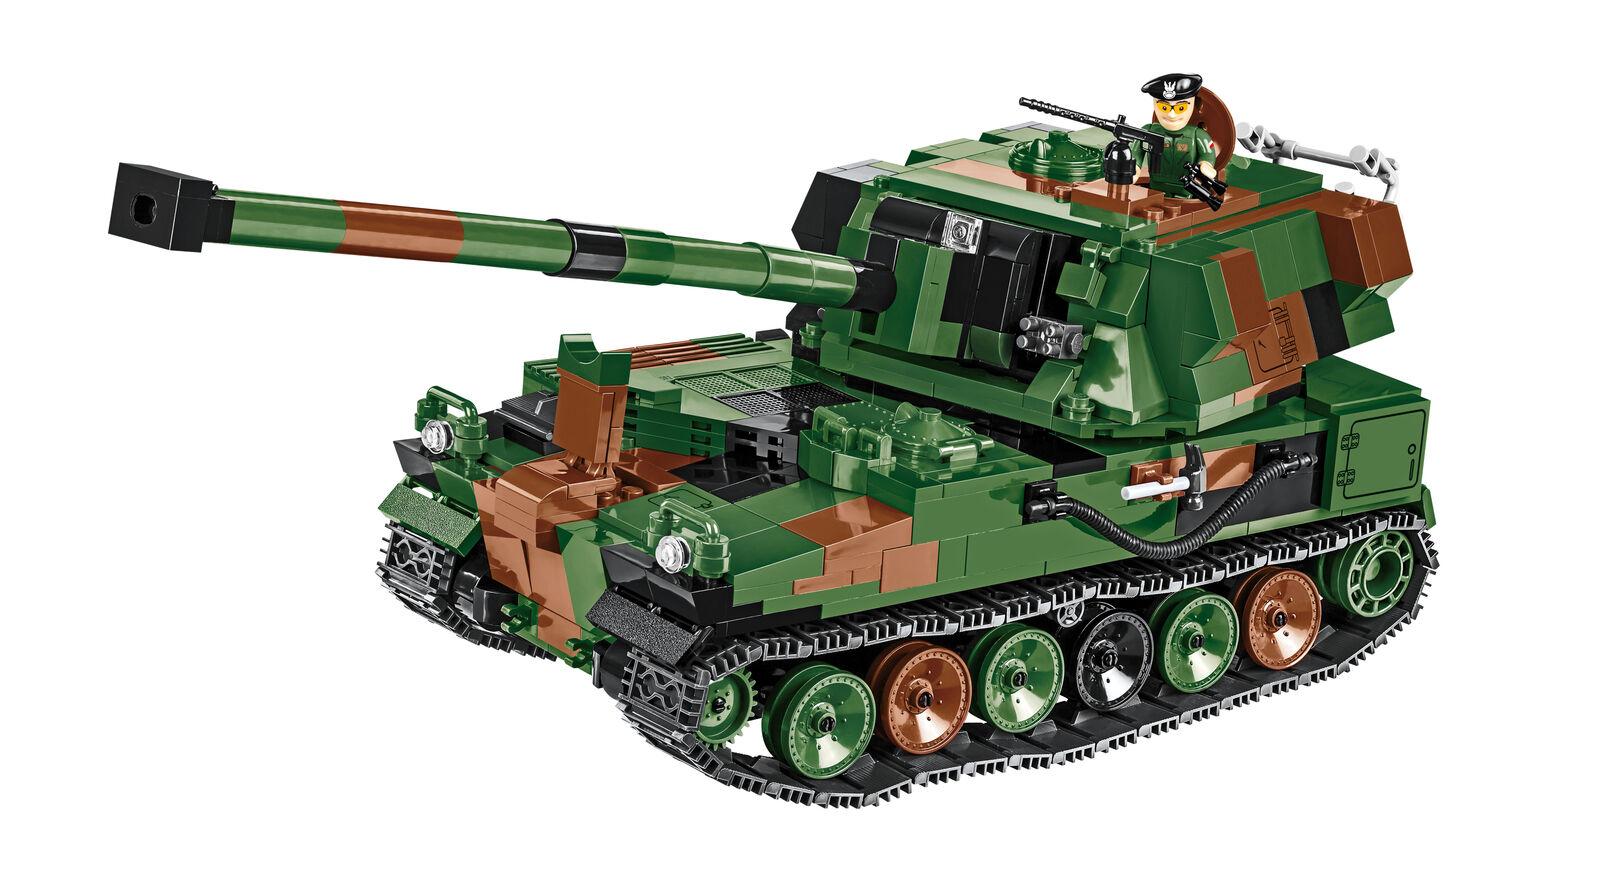 Konstruktionsspielzeug bauste haubitze ahs - armatohaubica mit eigenantrieb.